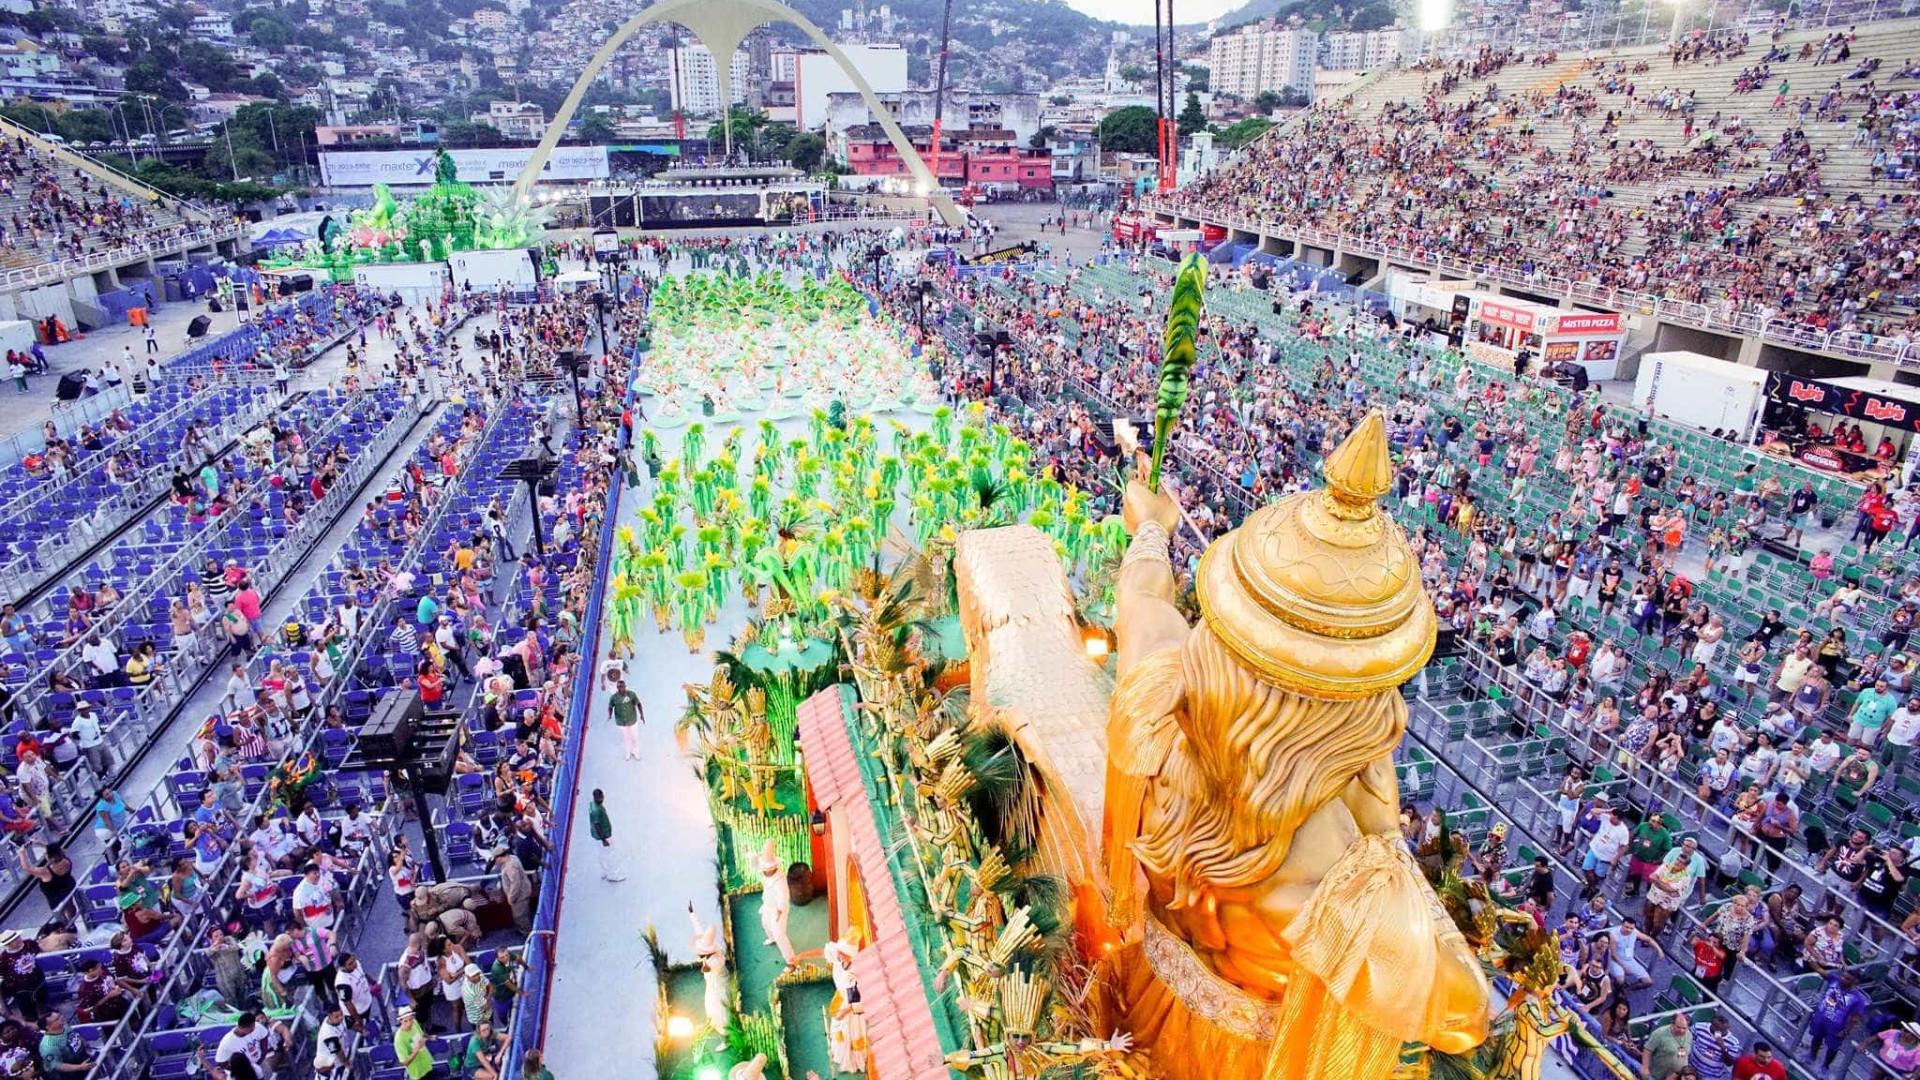 Rio já registrou 667 atendimentos médicos no Sambódromo